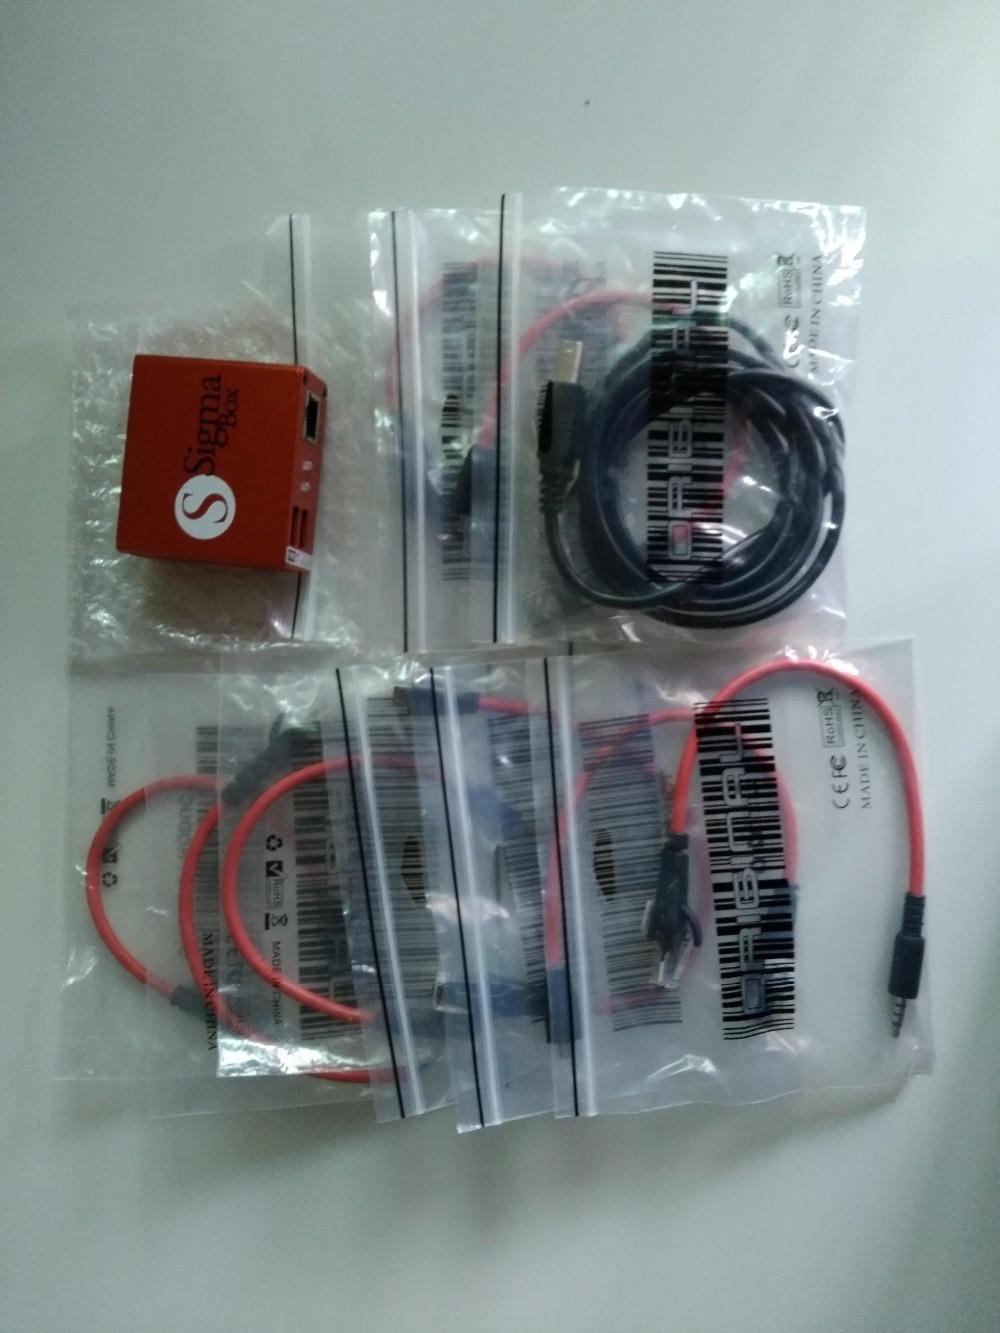 Gsmjustoncct Original Sigma Box Sigmabox ensemble complet pour téléphone Mobile déverrouillage & Flash & réparation pour chine téléphone Mobile/Nokia + 9 câble - 2